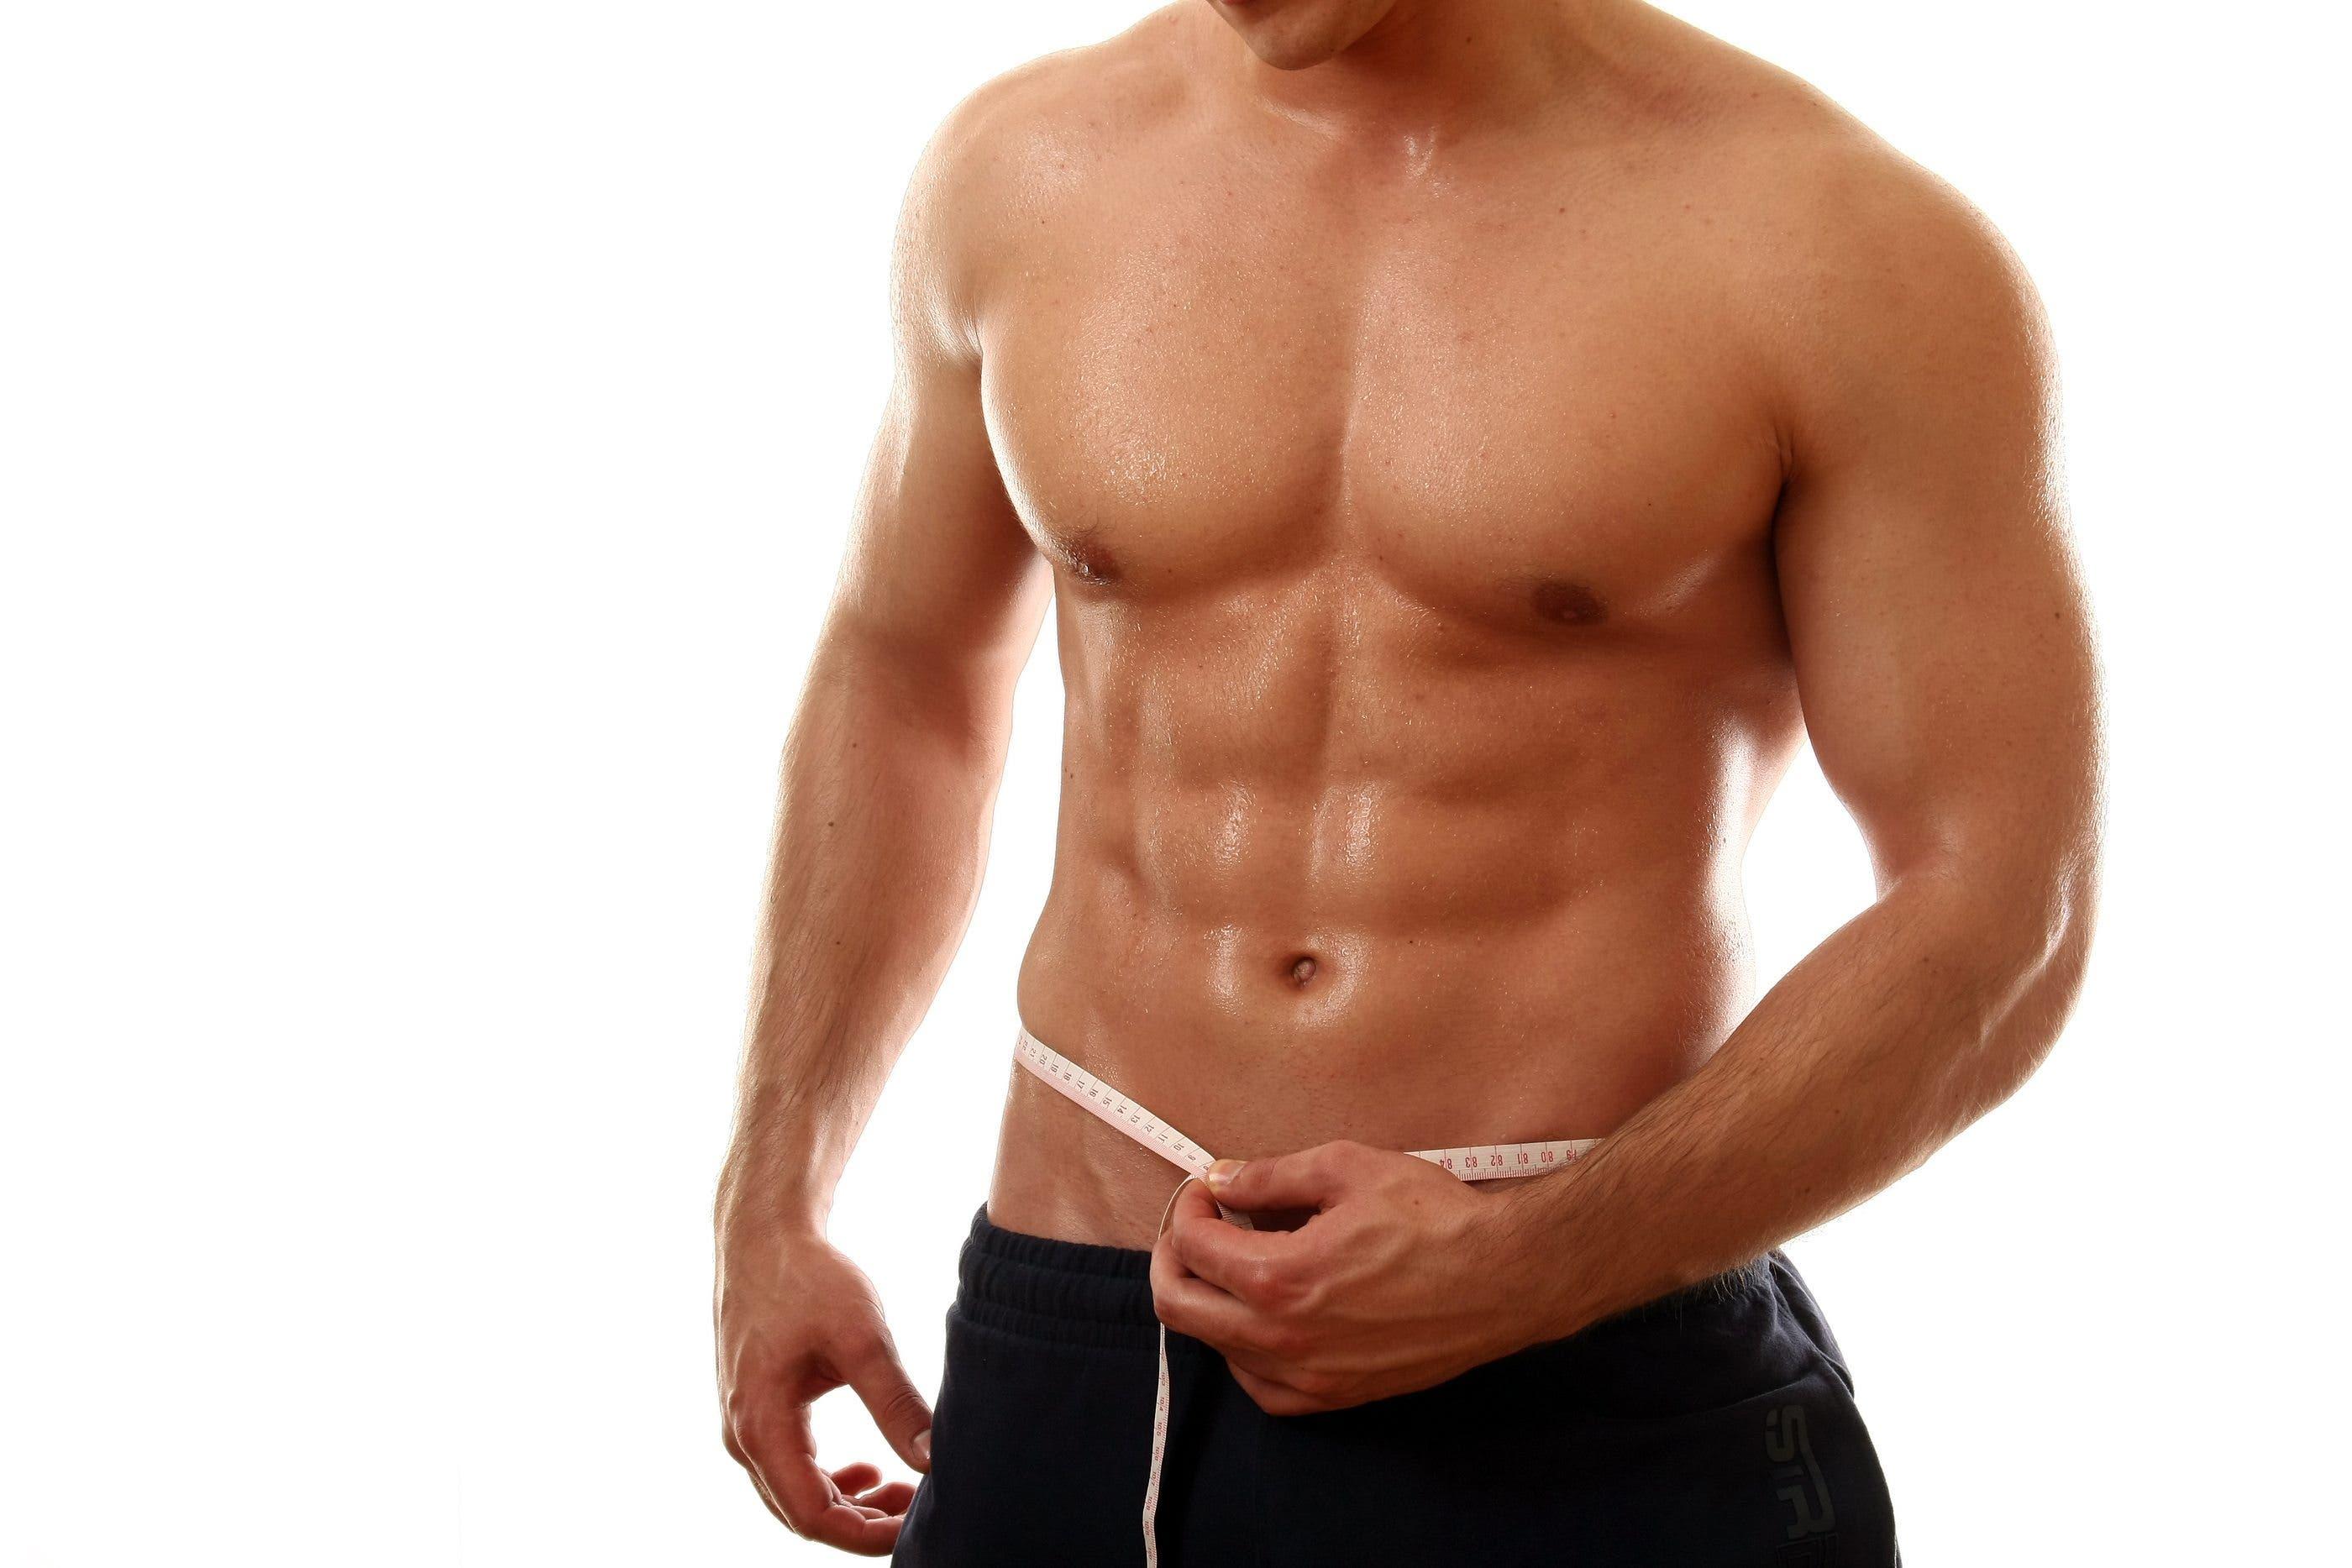 Arroj nada, perdida de peso cancer gastrico nutricional